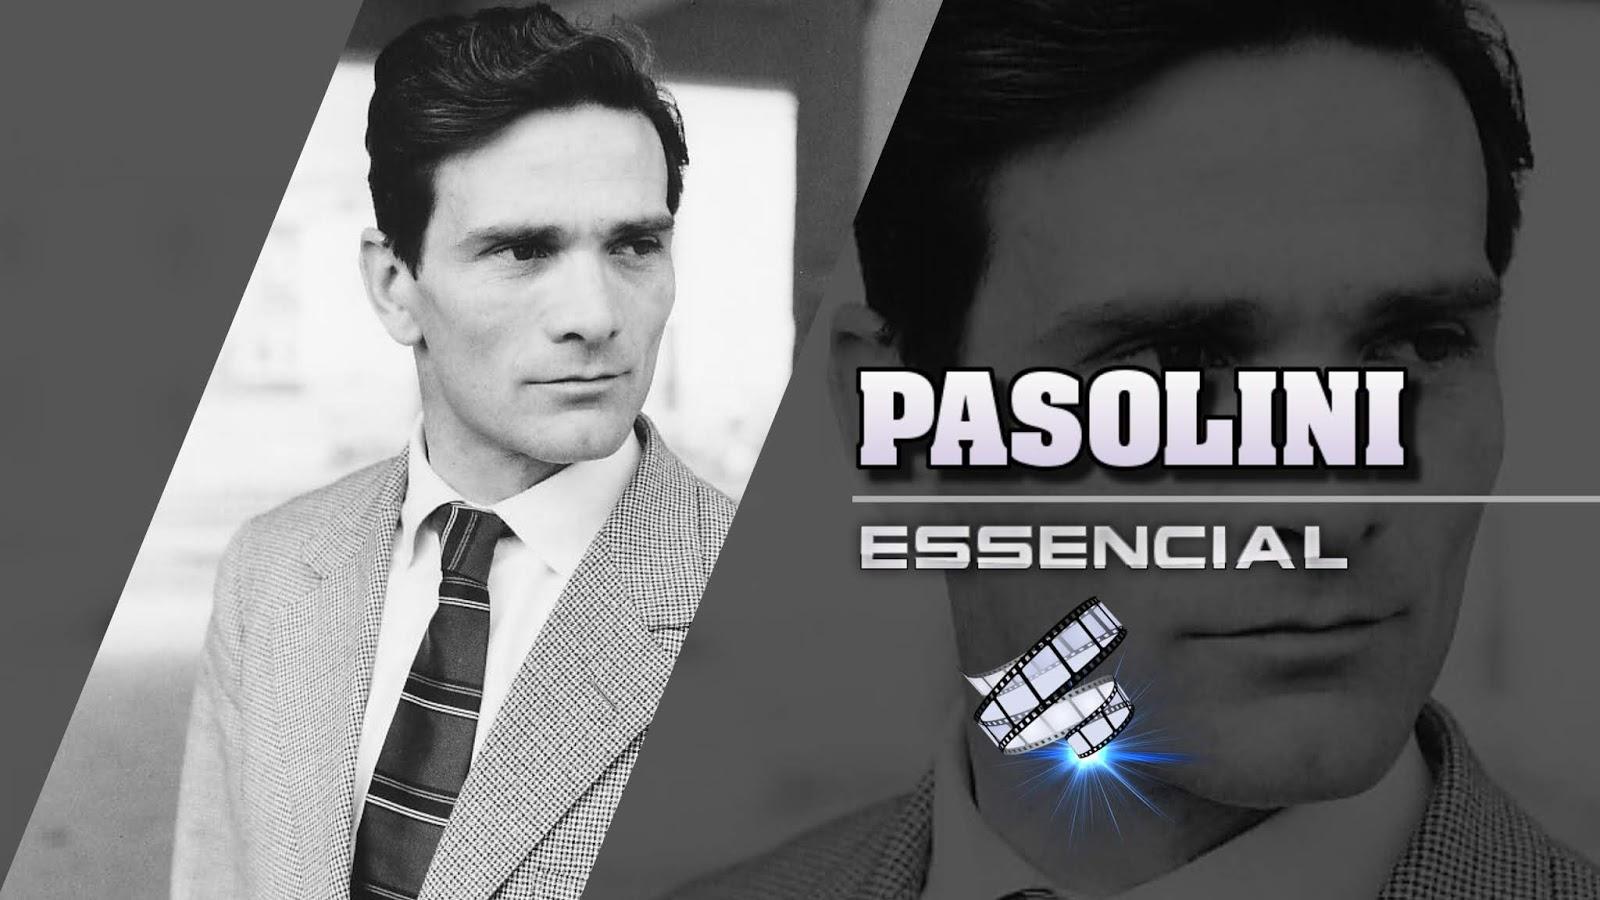 pier-paolo-pasolini-10-filmes-essenciais